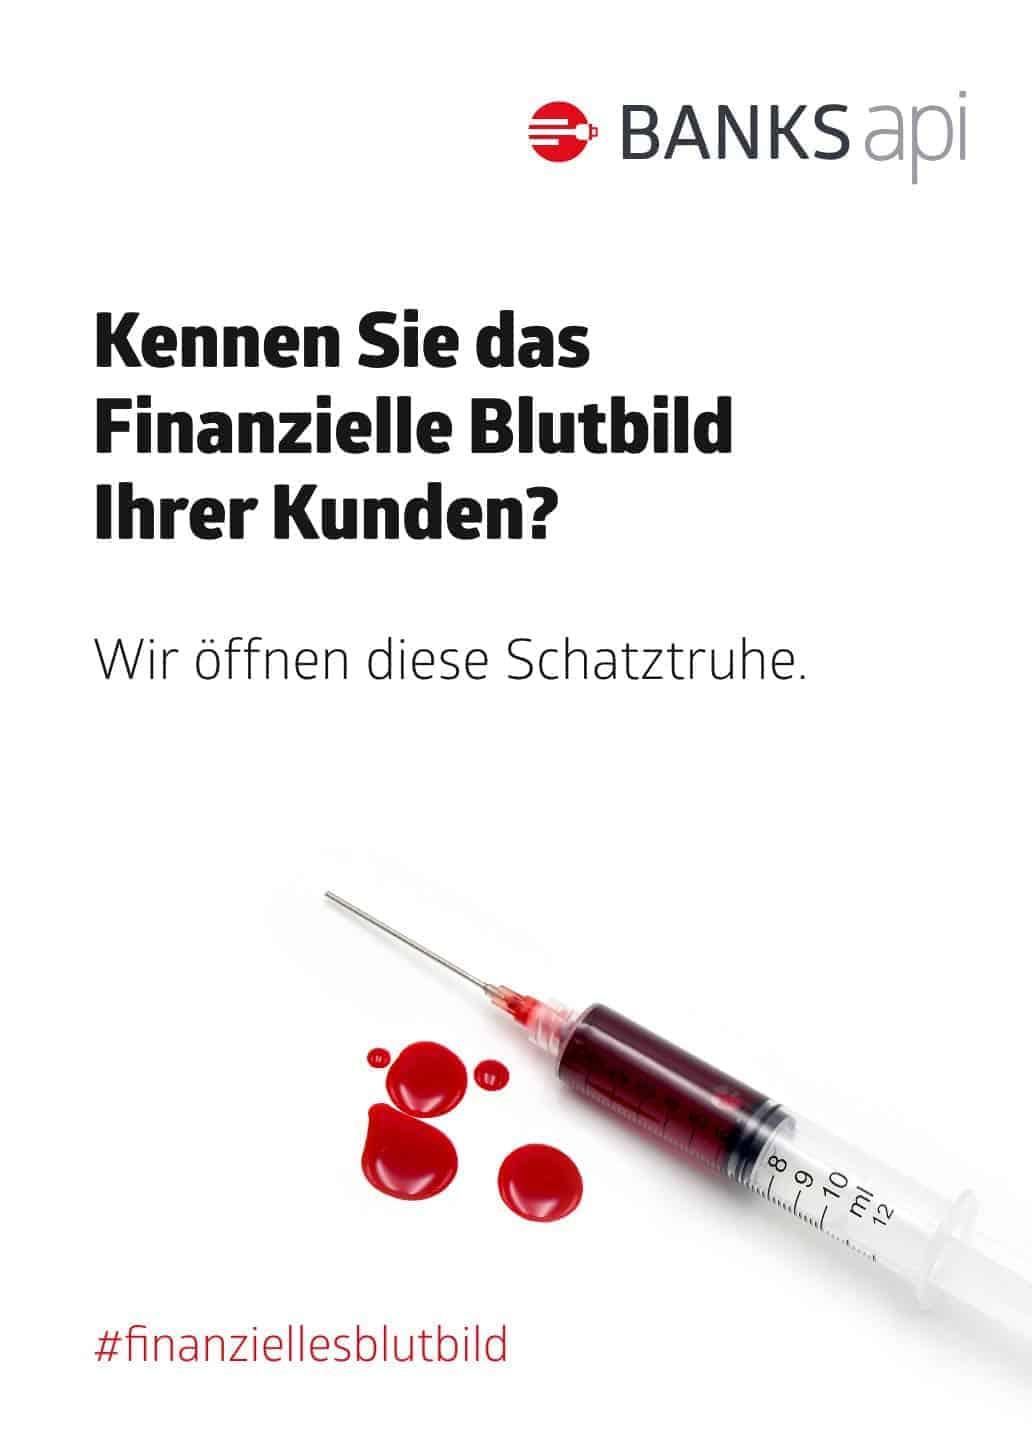 Kennen Sie das Finanzielle Blutbild Ihrer Kunden? Wir öffnen diese Schatztruhe. BANKSapi